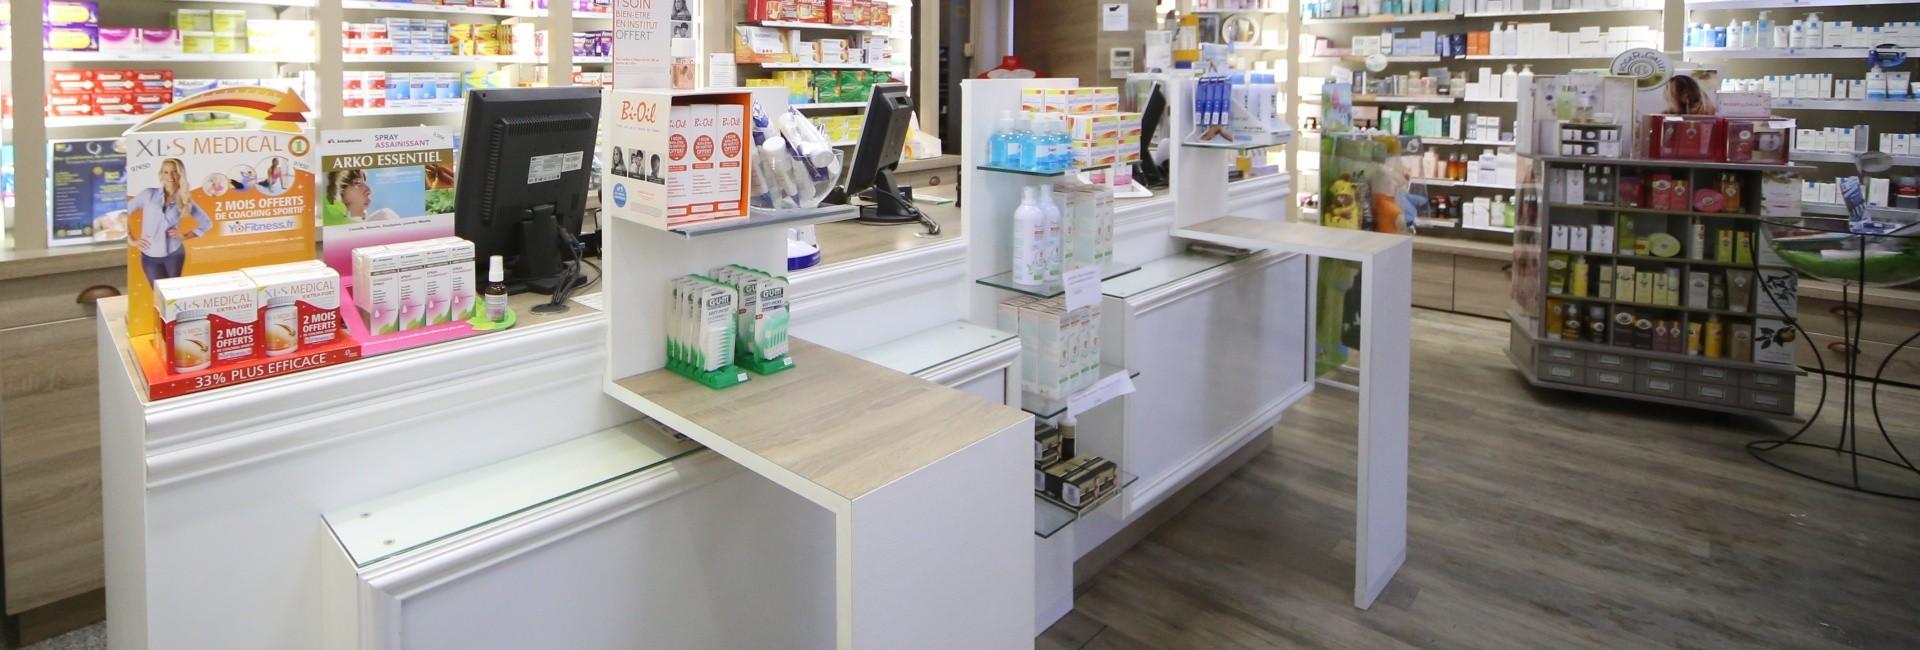 Agencement de la Pharmacie Centrale -